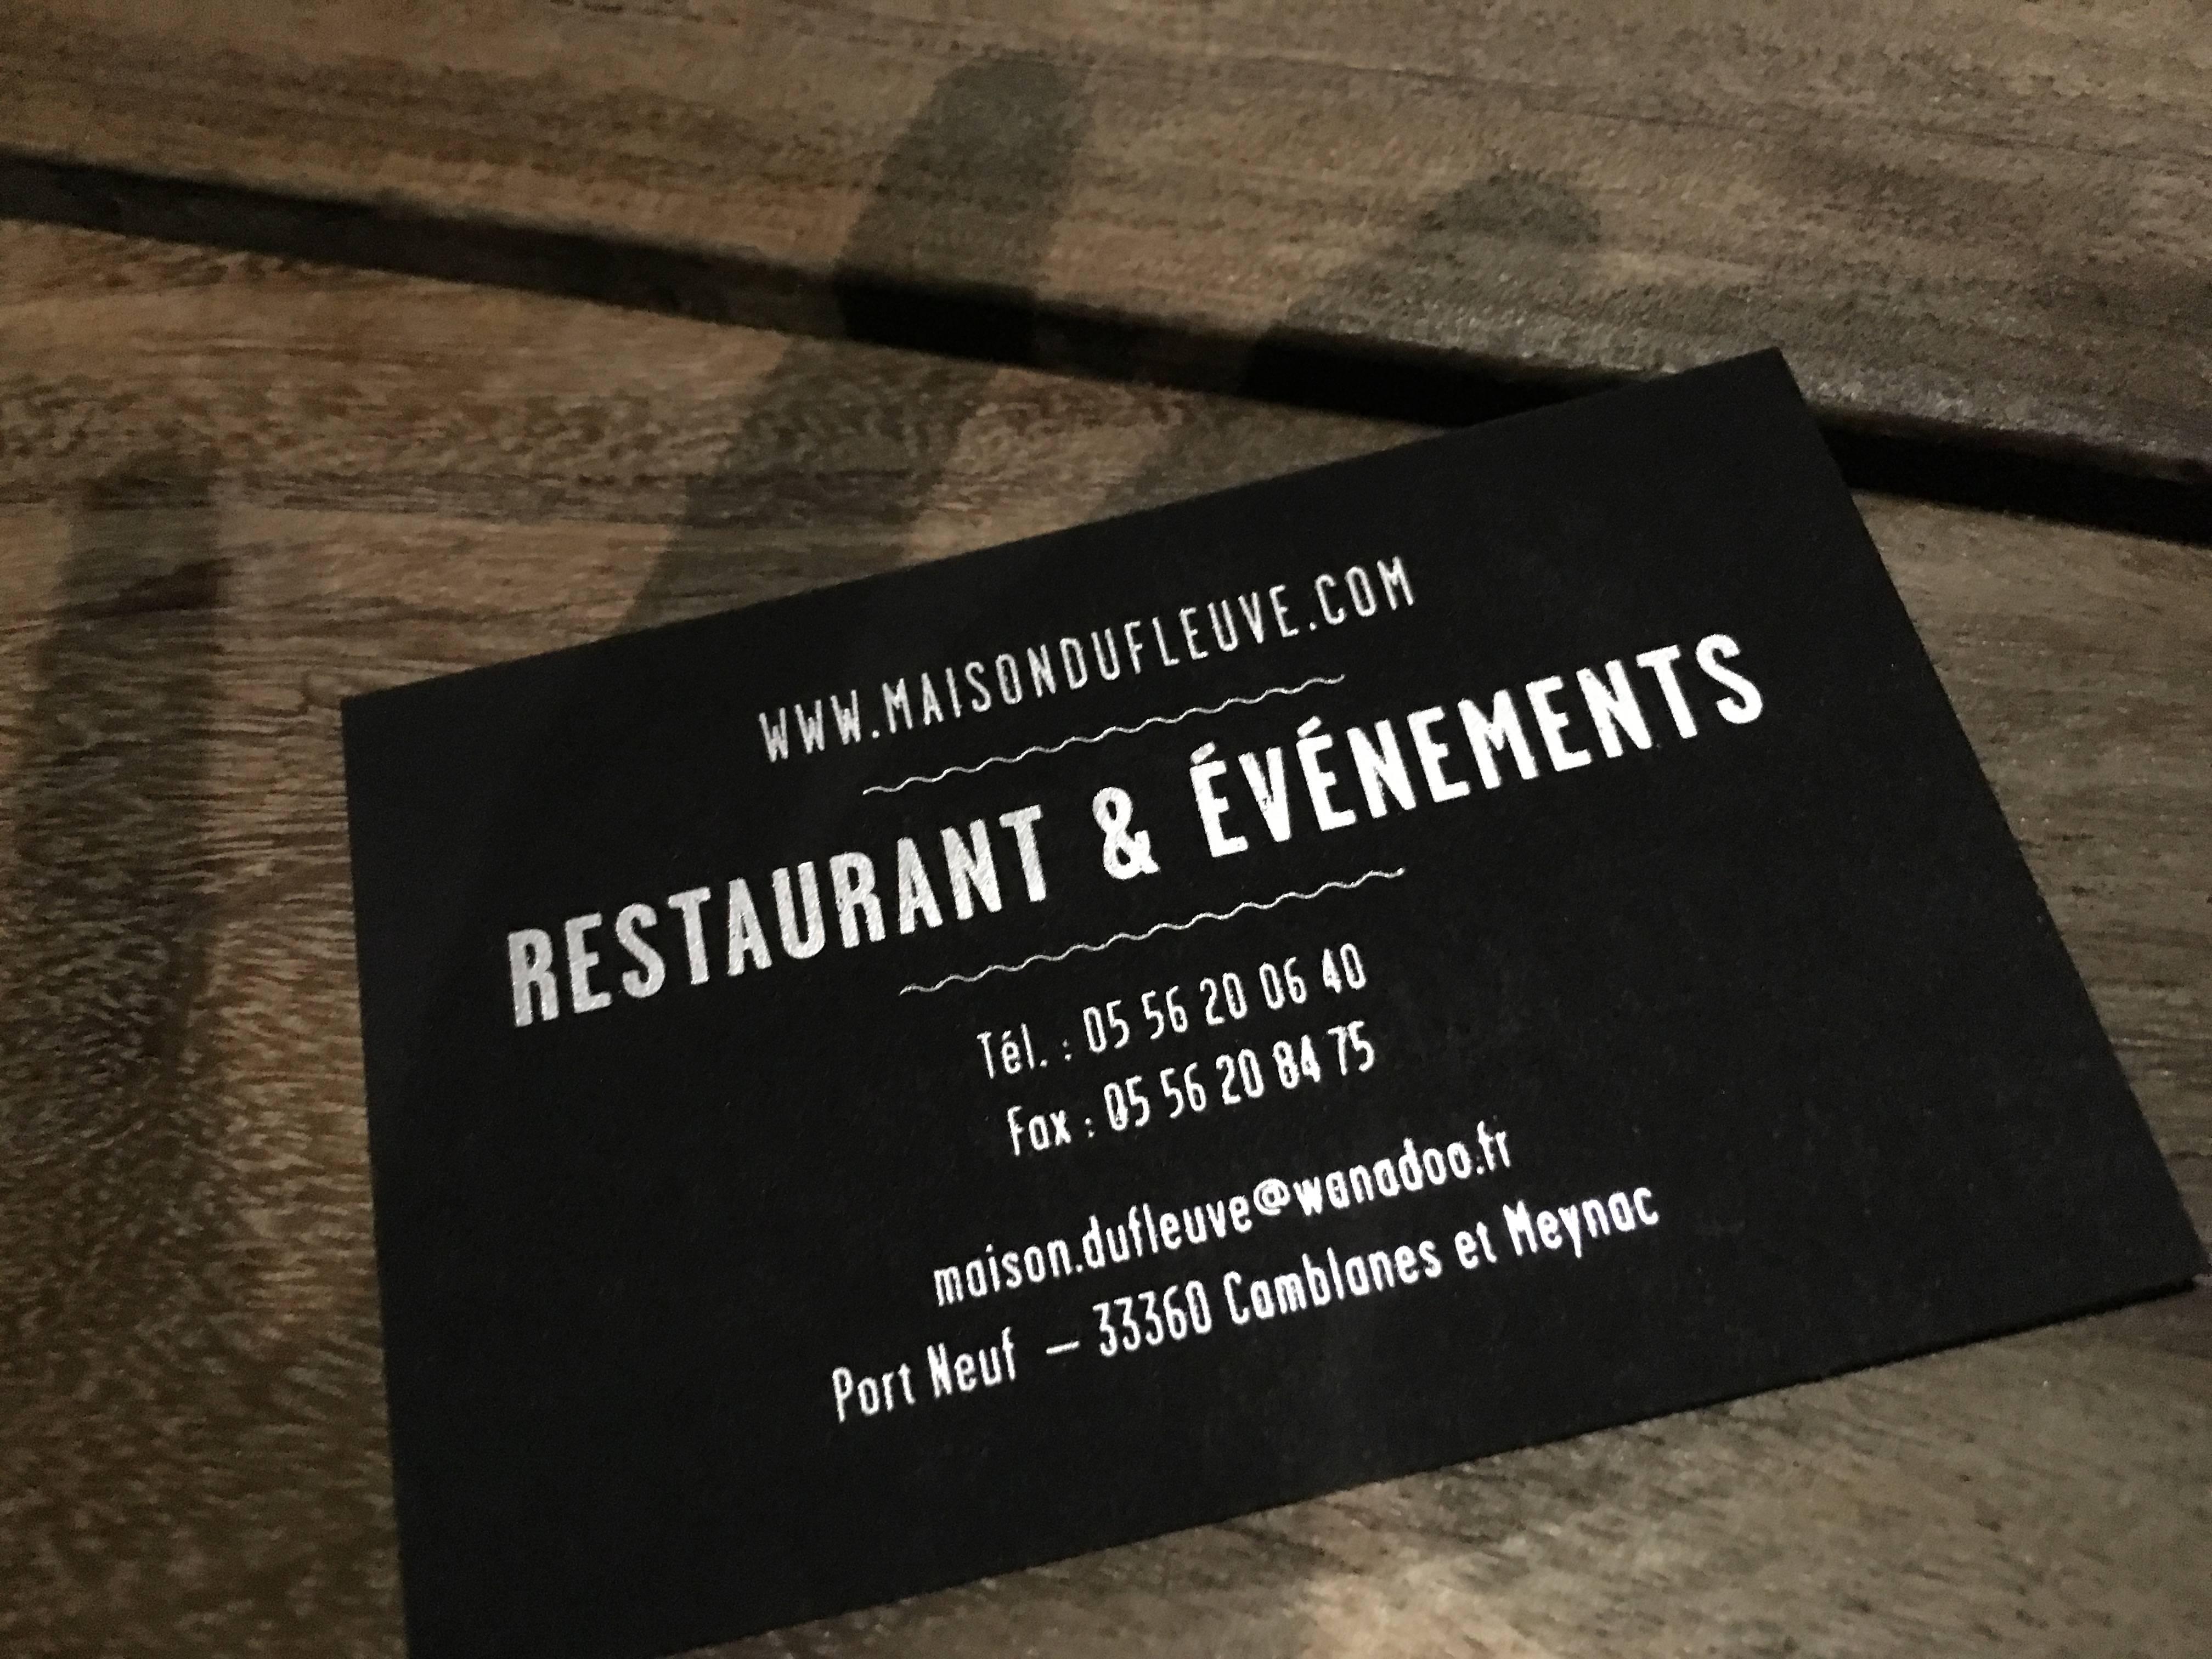 Photo 3: Restaurant la maison du fleuve